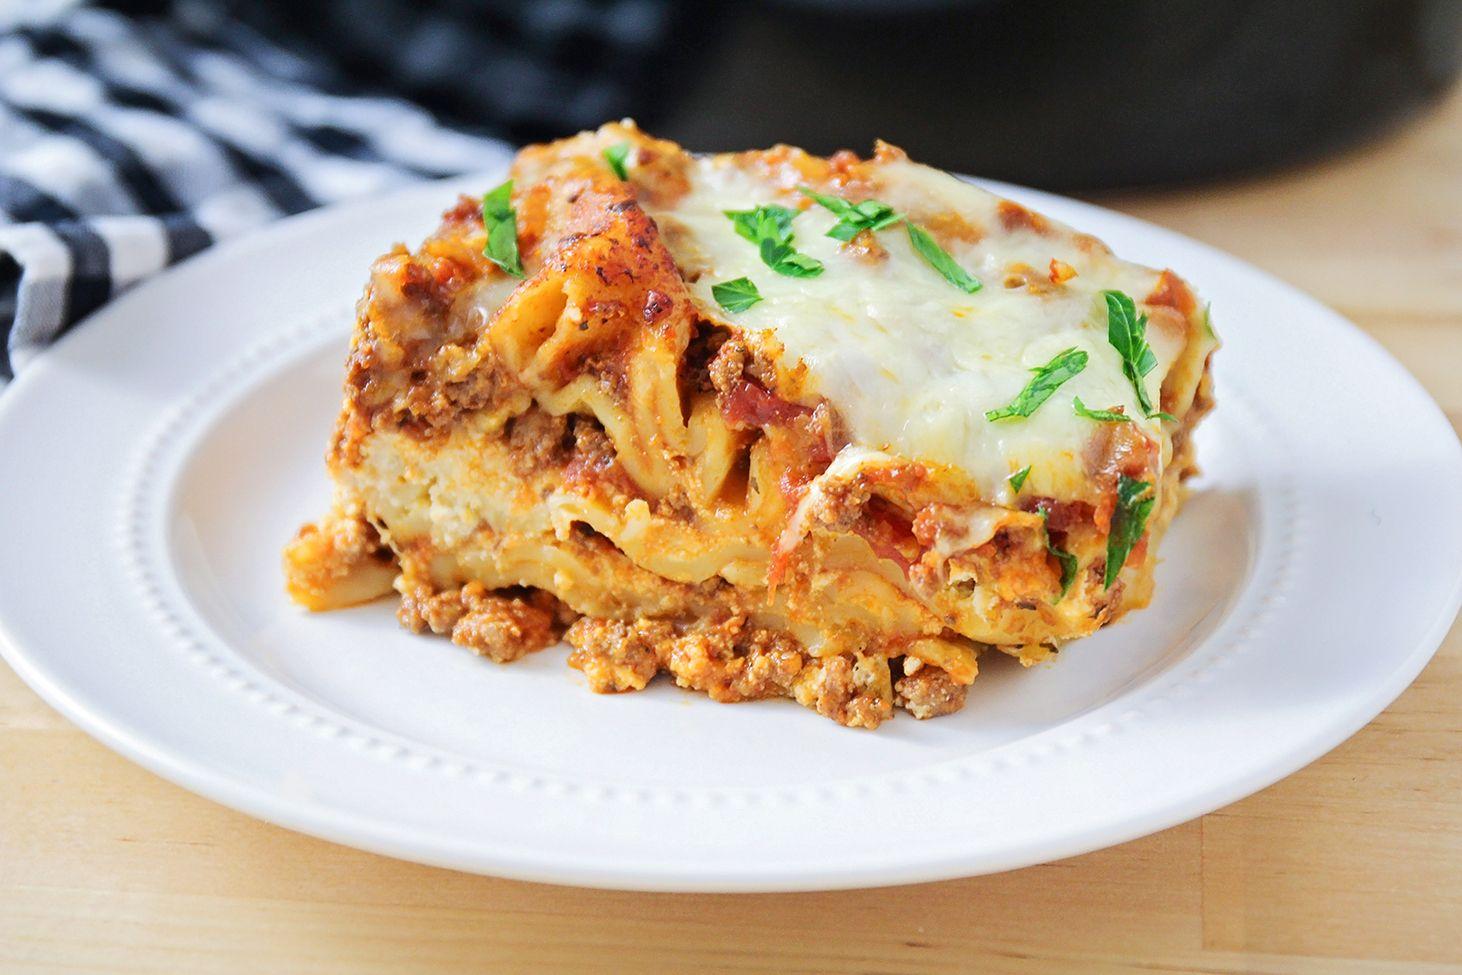 crockpot lasagna recipe yummy pasta dishes recipes lasagna rh pinterest com